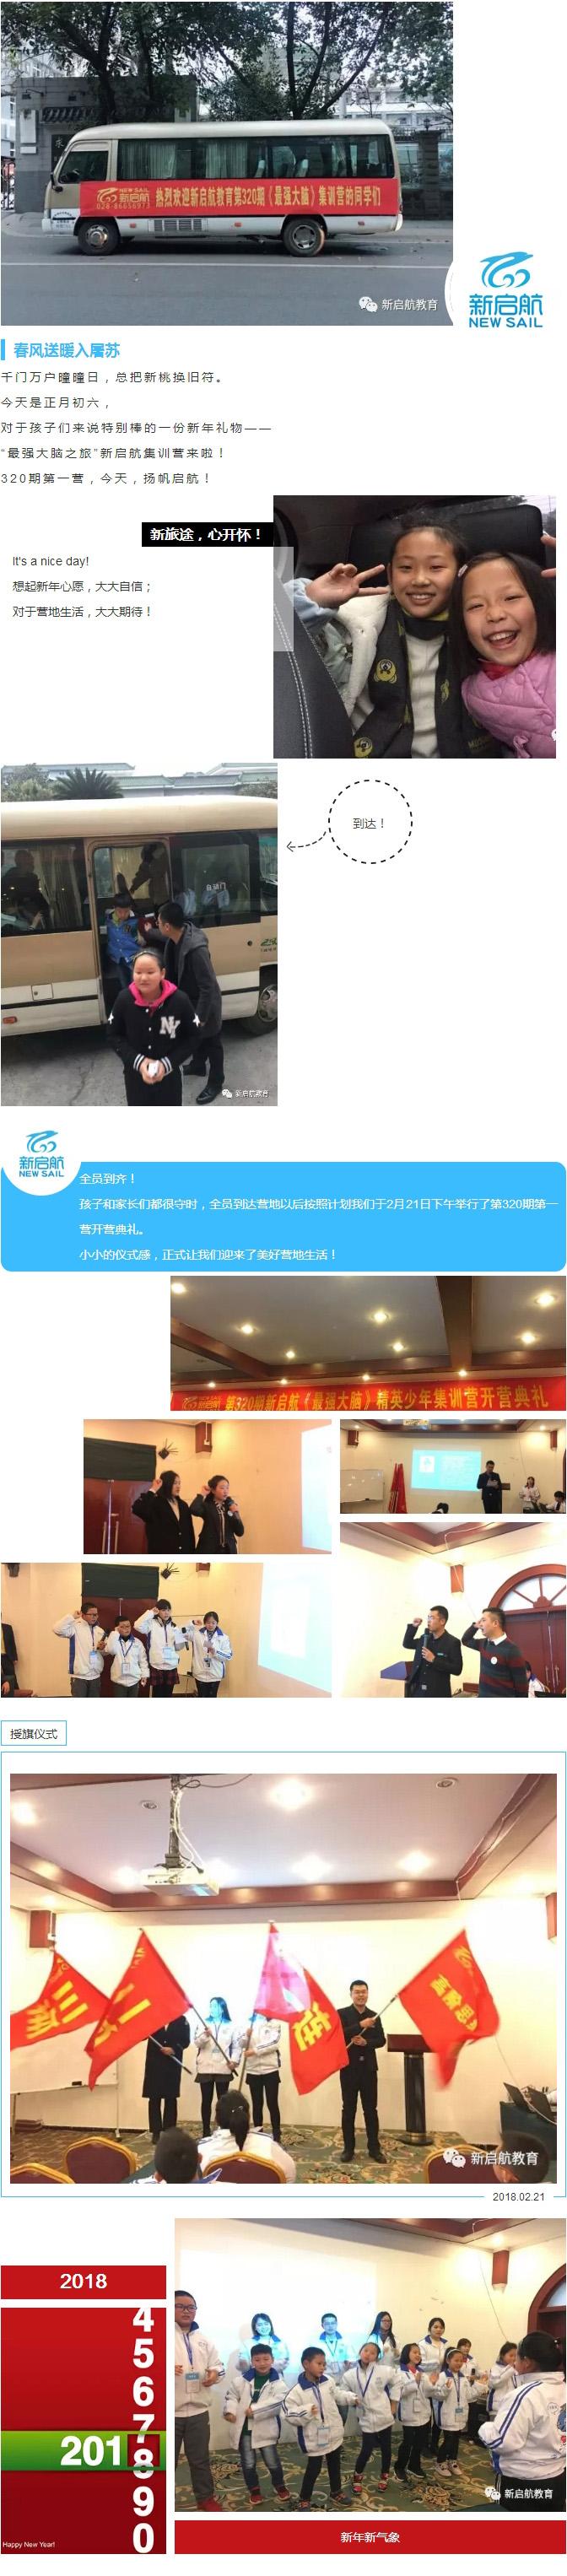 春风送暖入屠苏——新启航320期集训营第一营今日在蓉开营